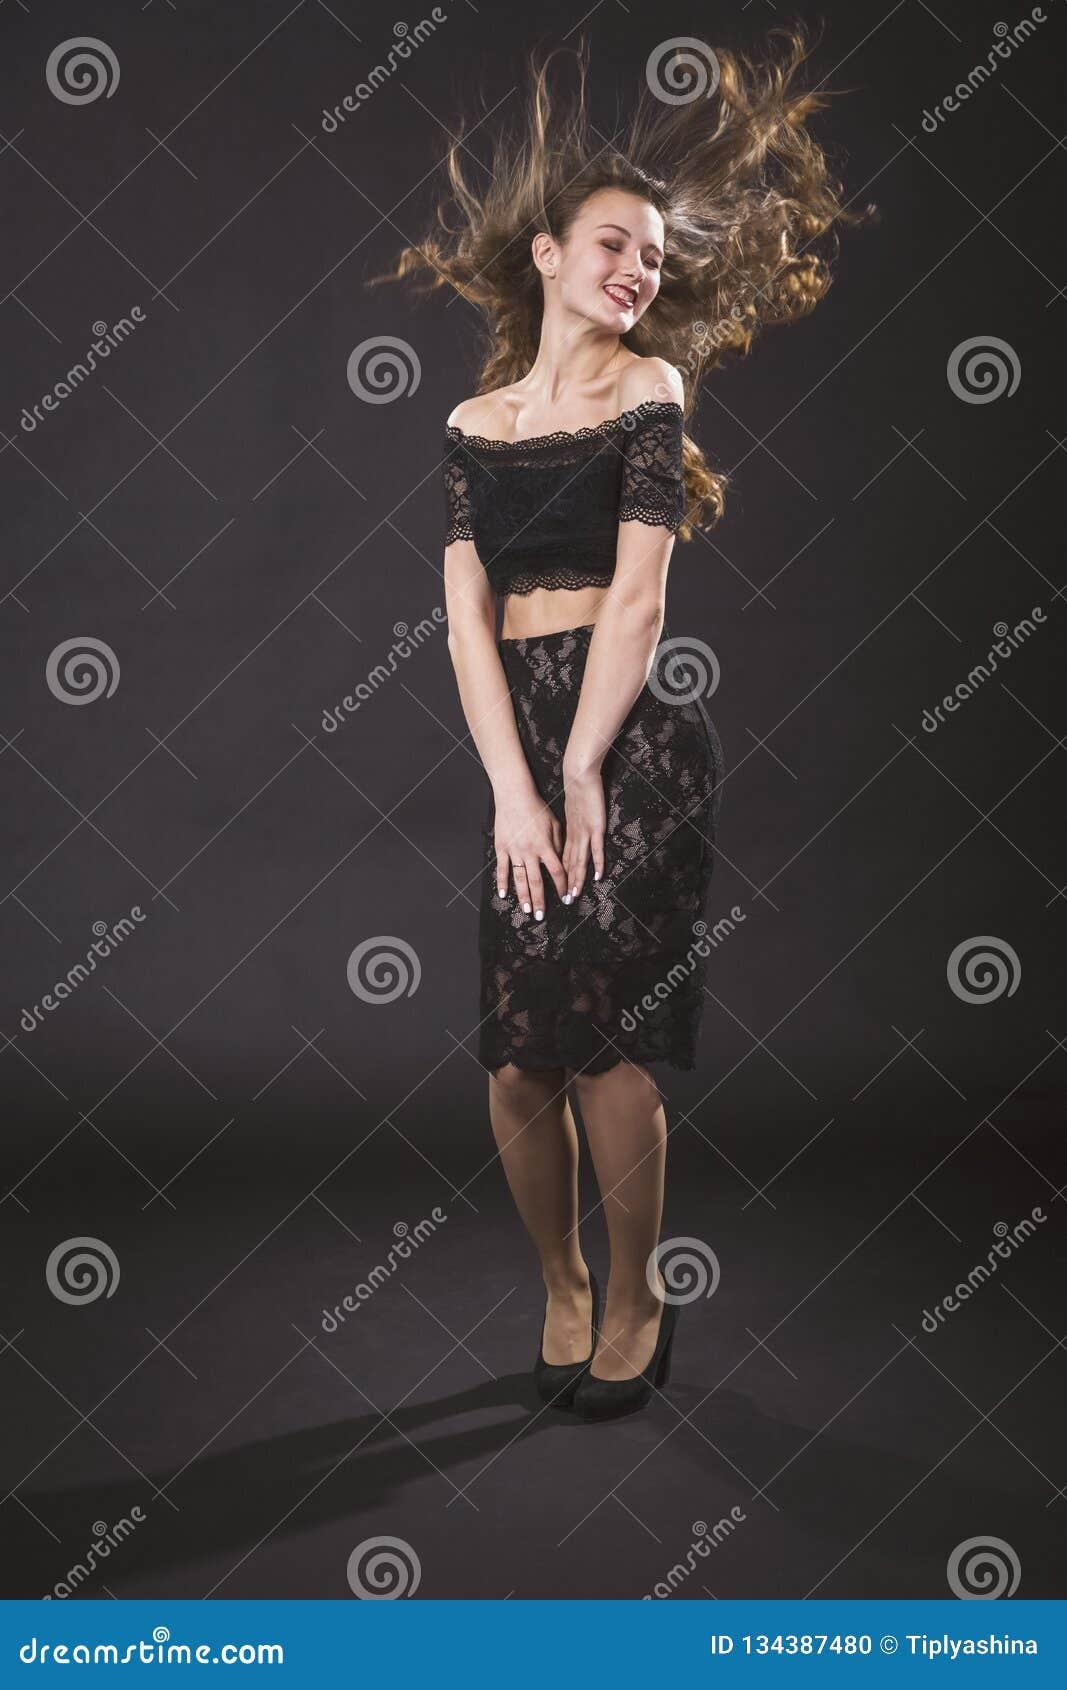 Ståenden av en le ung flicka i snör åt klänningen på en svart bakgrund